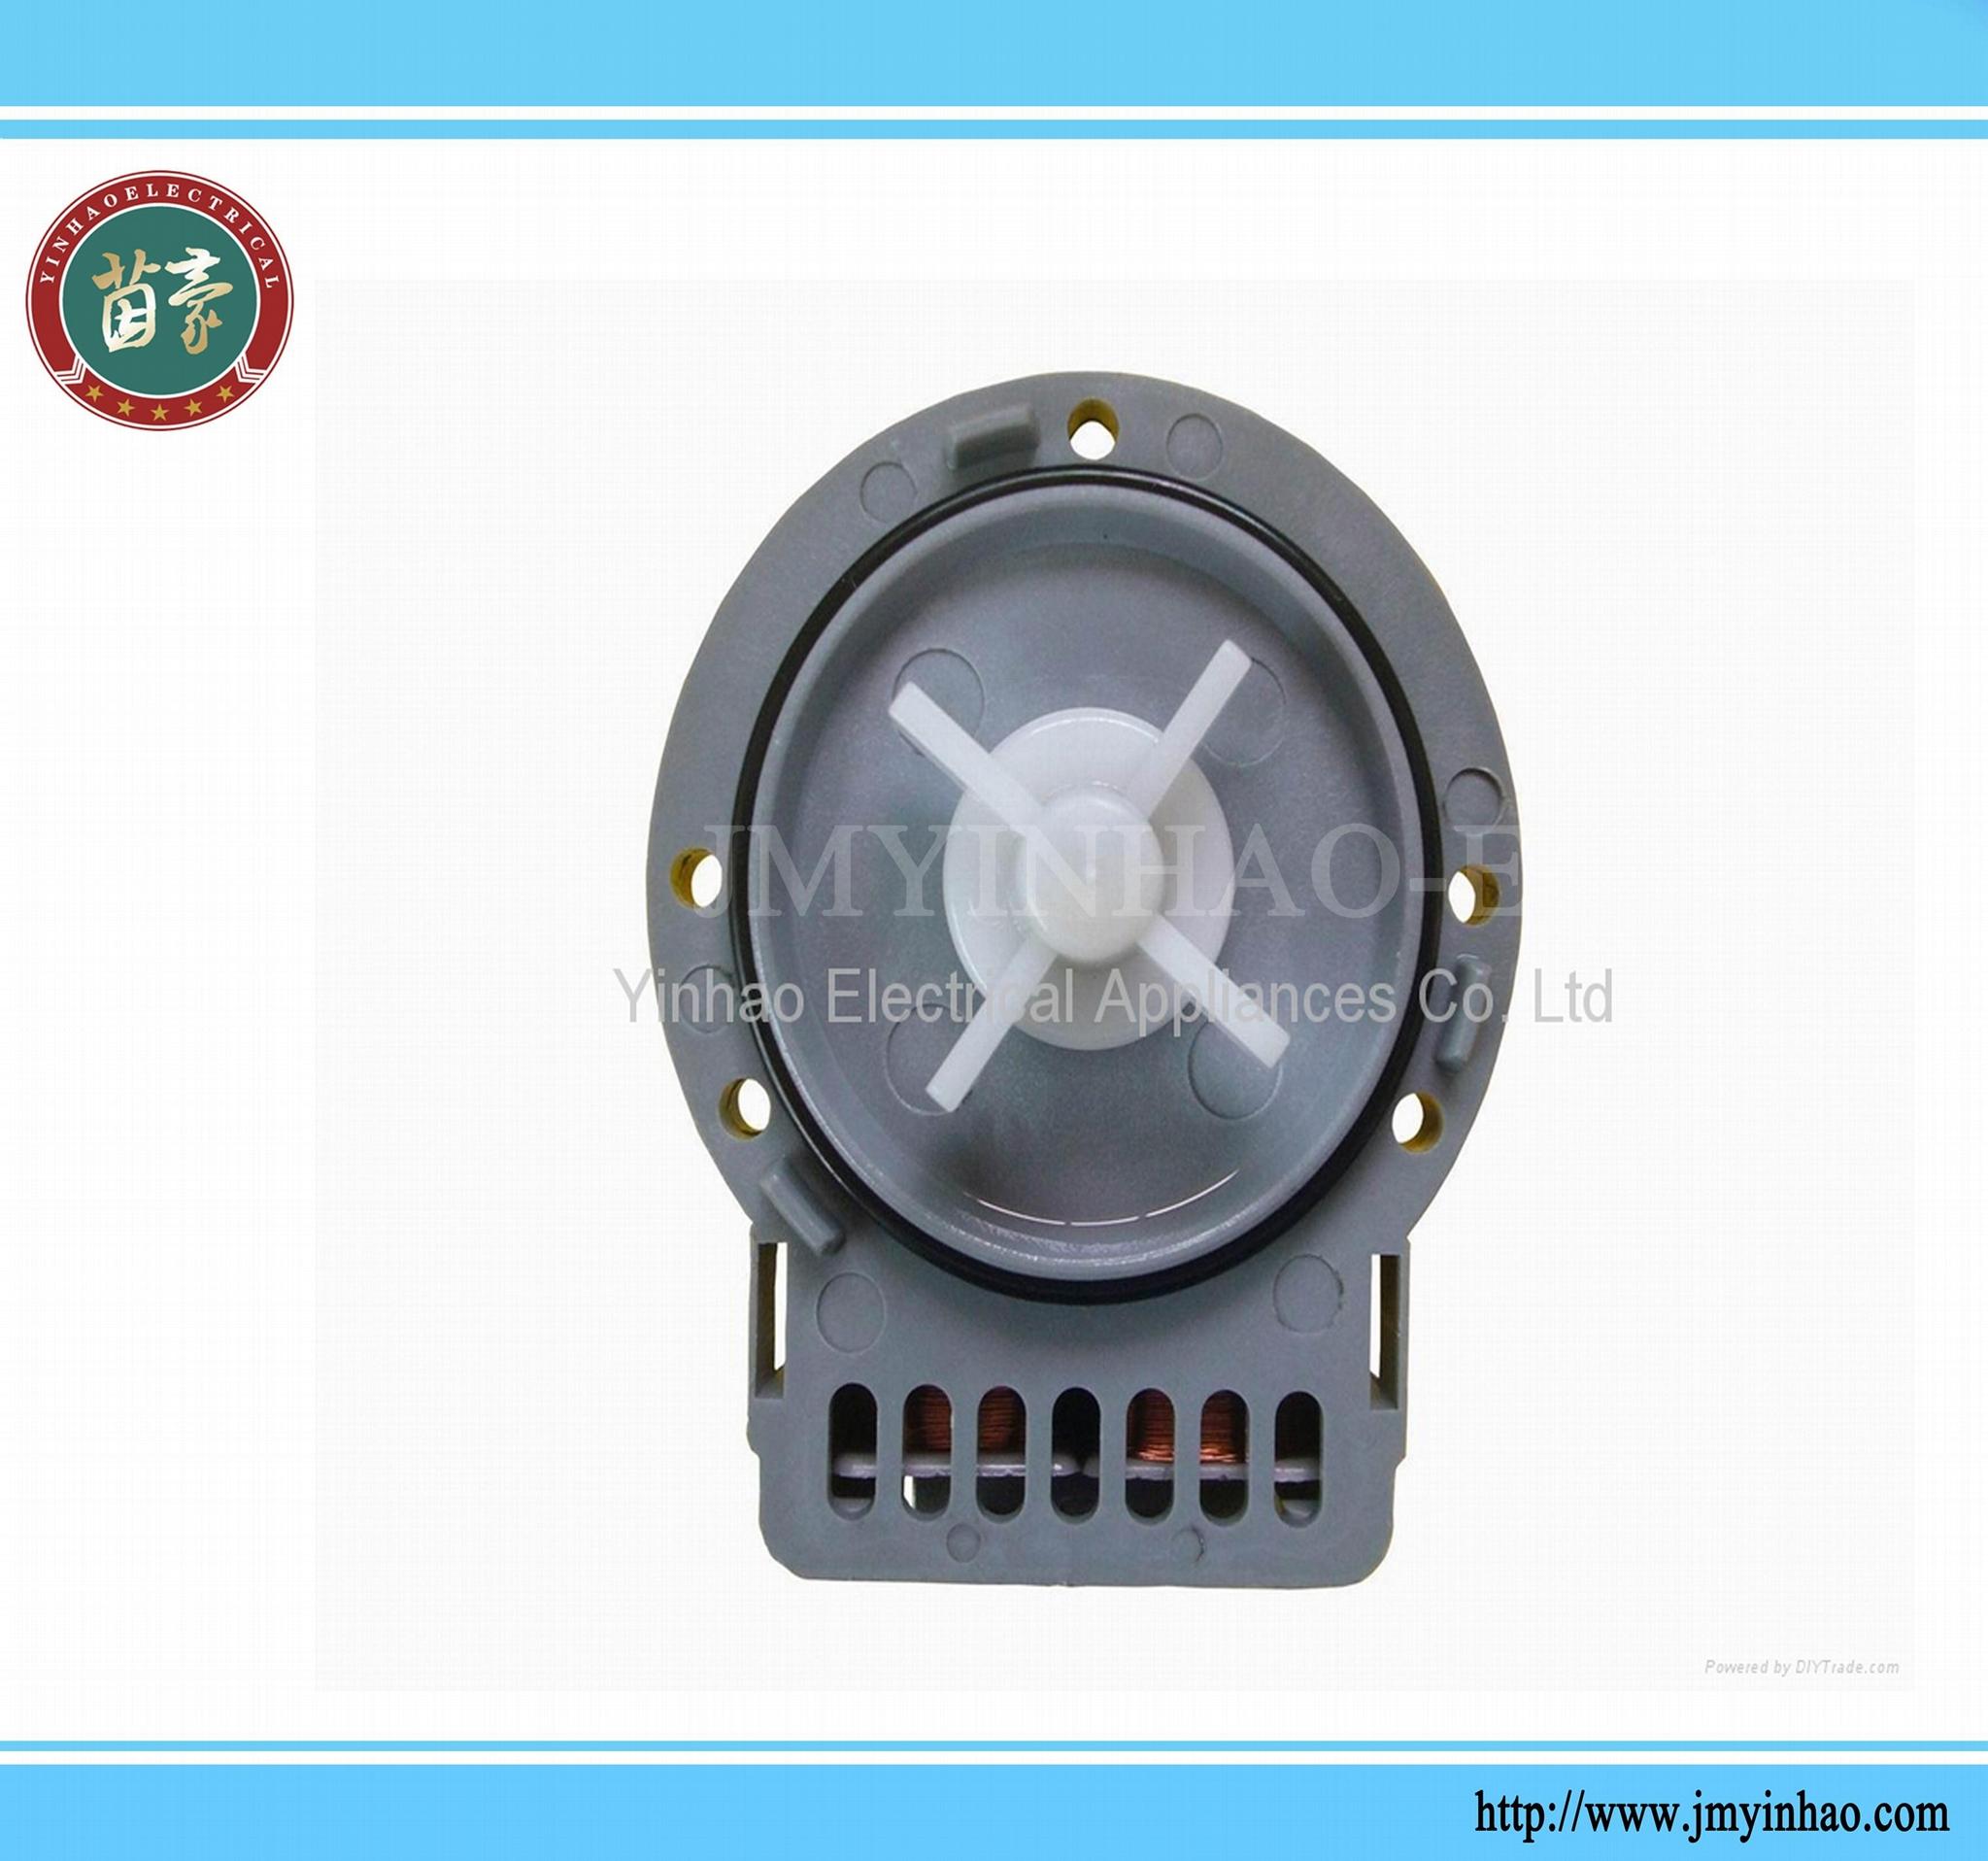 廠家直銷高質洗衣機排水泵/低噪音排水泵 3